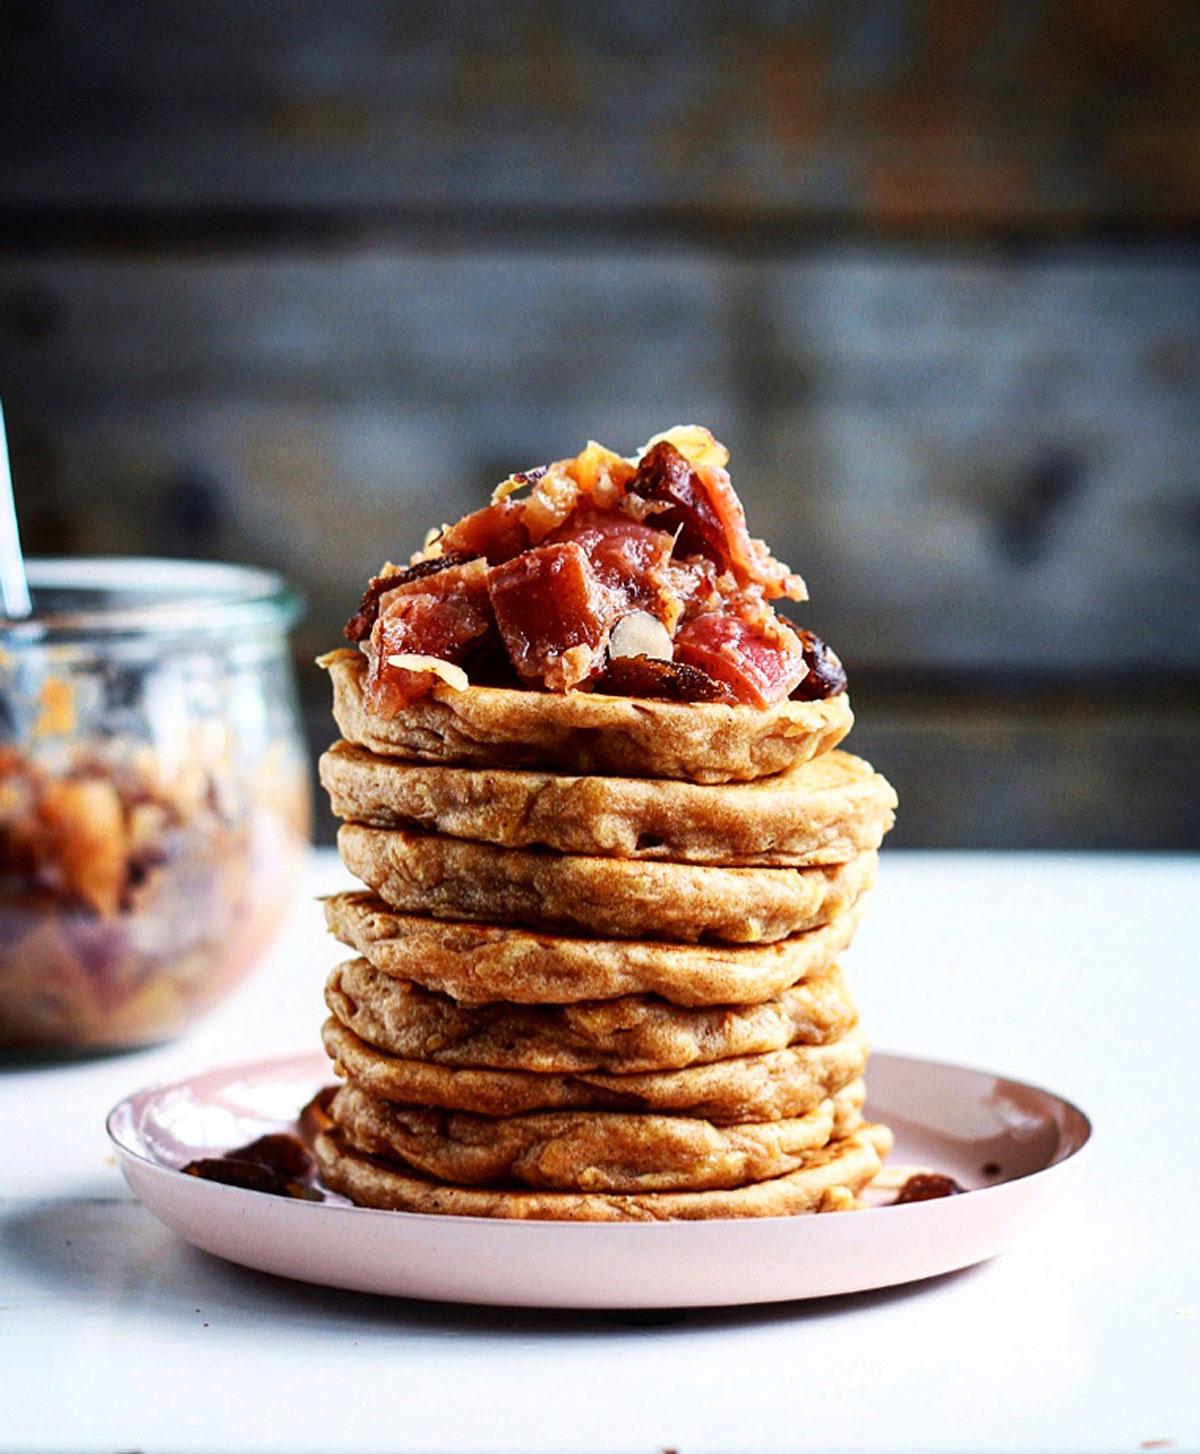 nemme luftige opskrift på æblepandekager